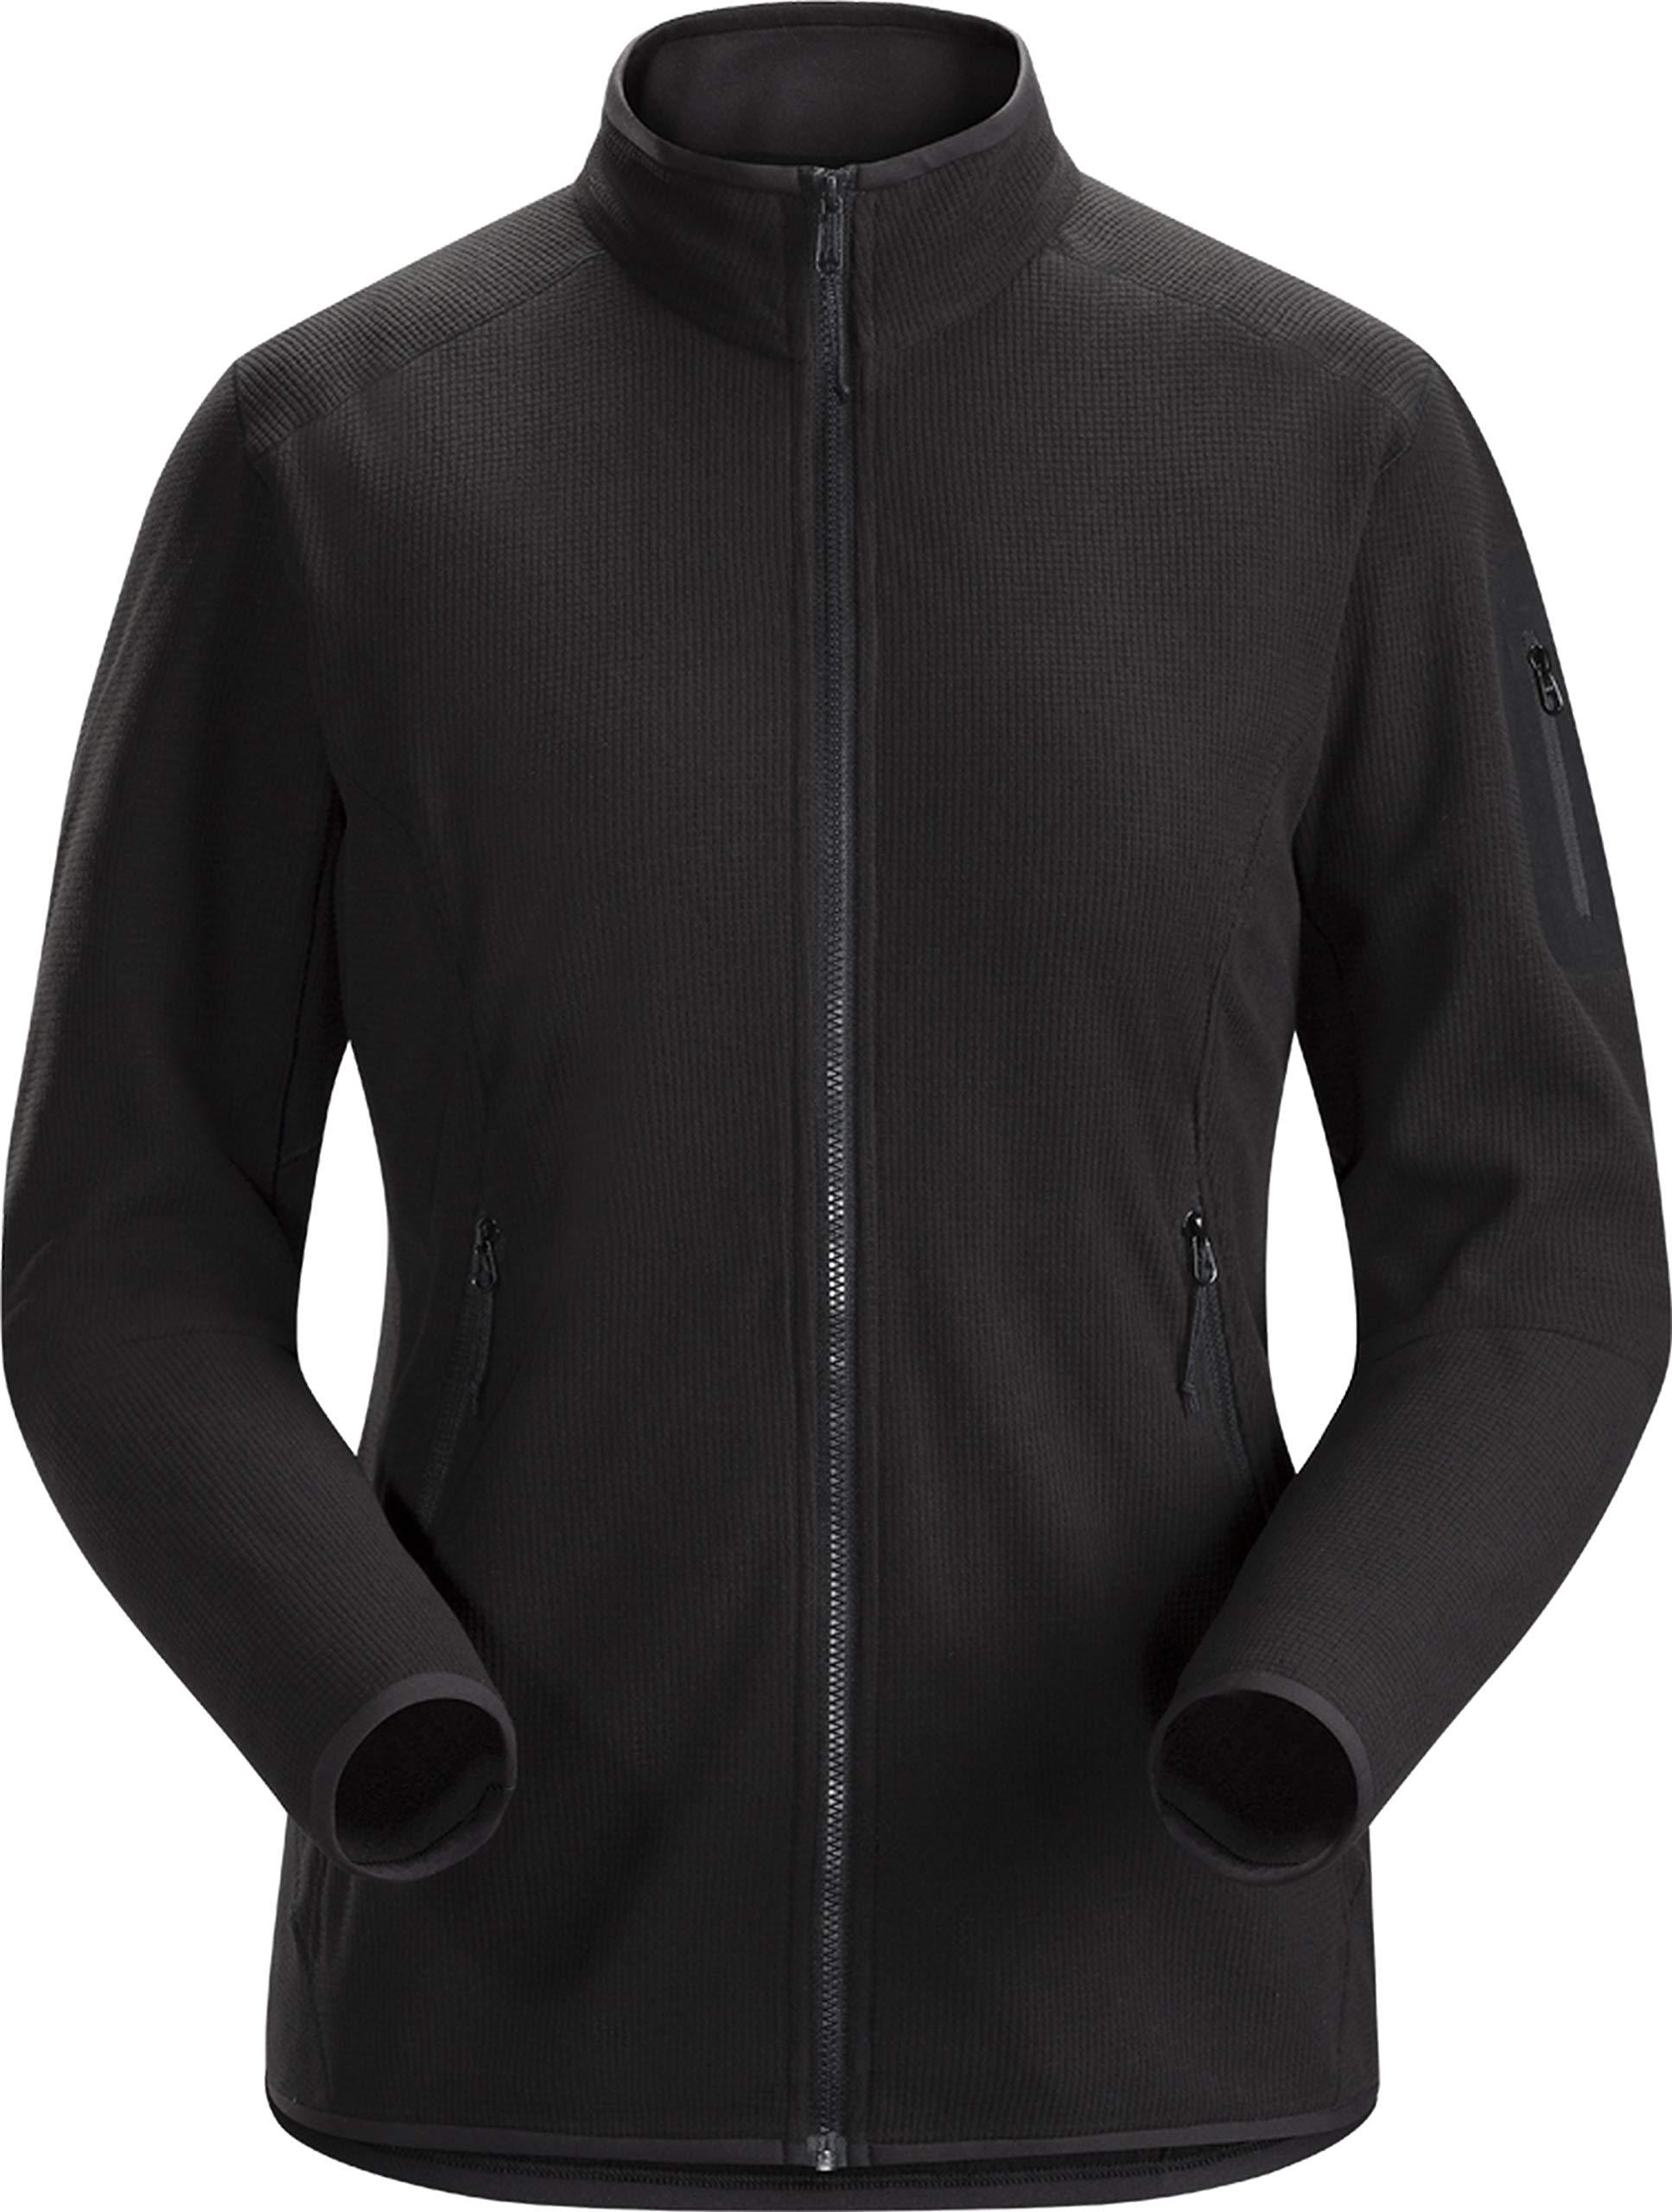 Arc'teryx Delta LT Jacket Women's